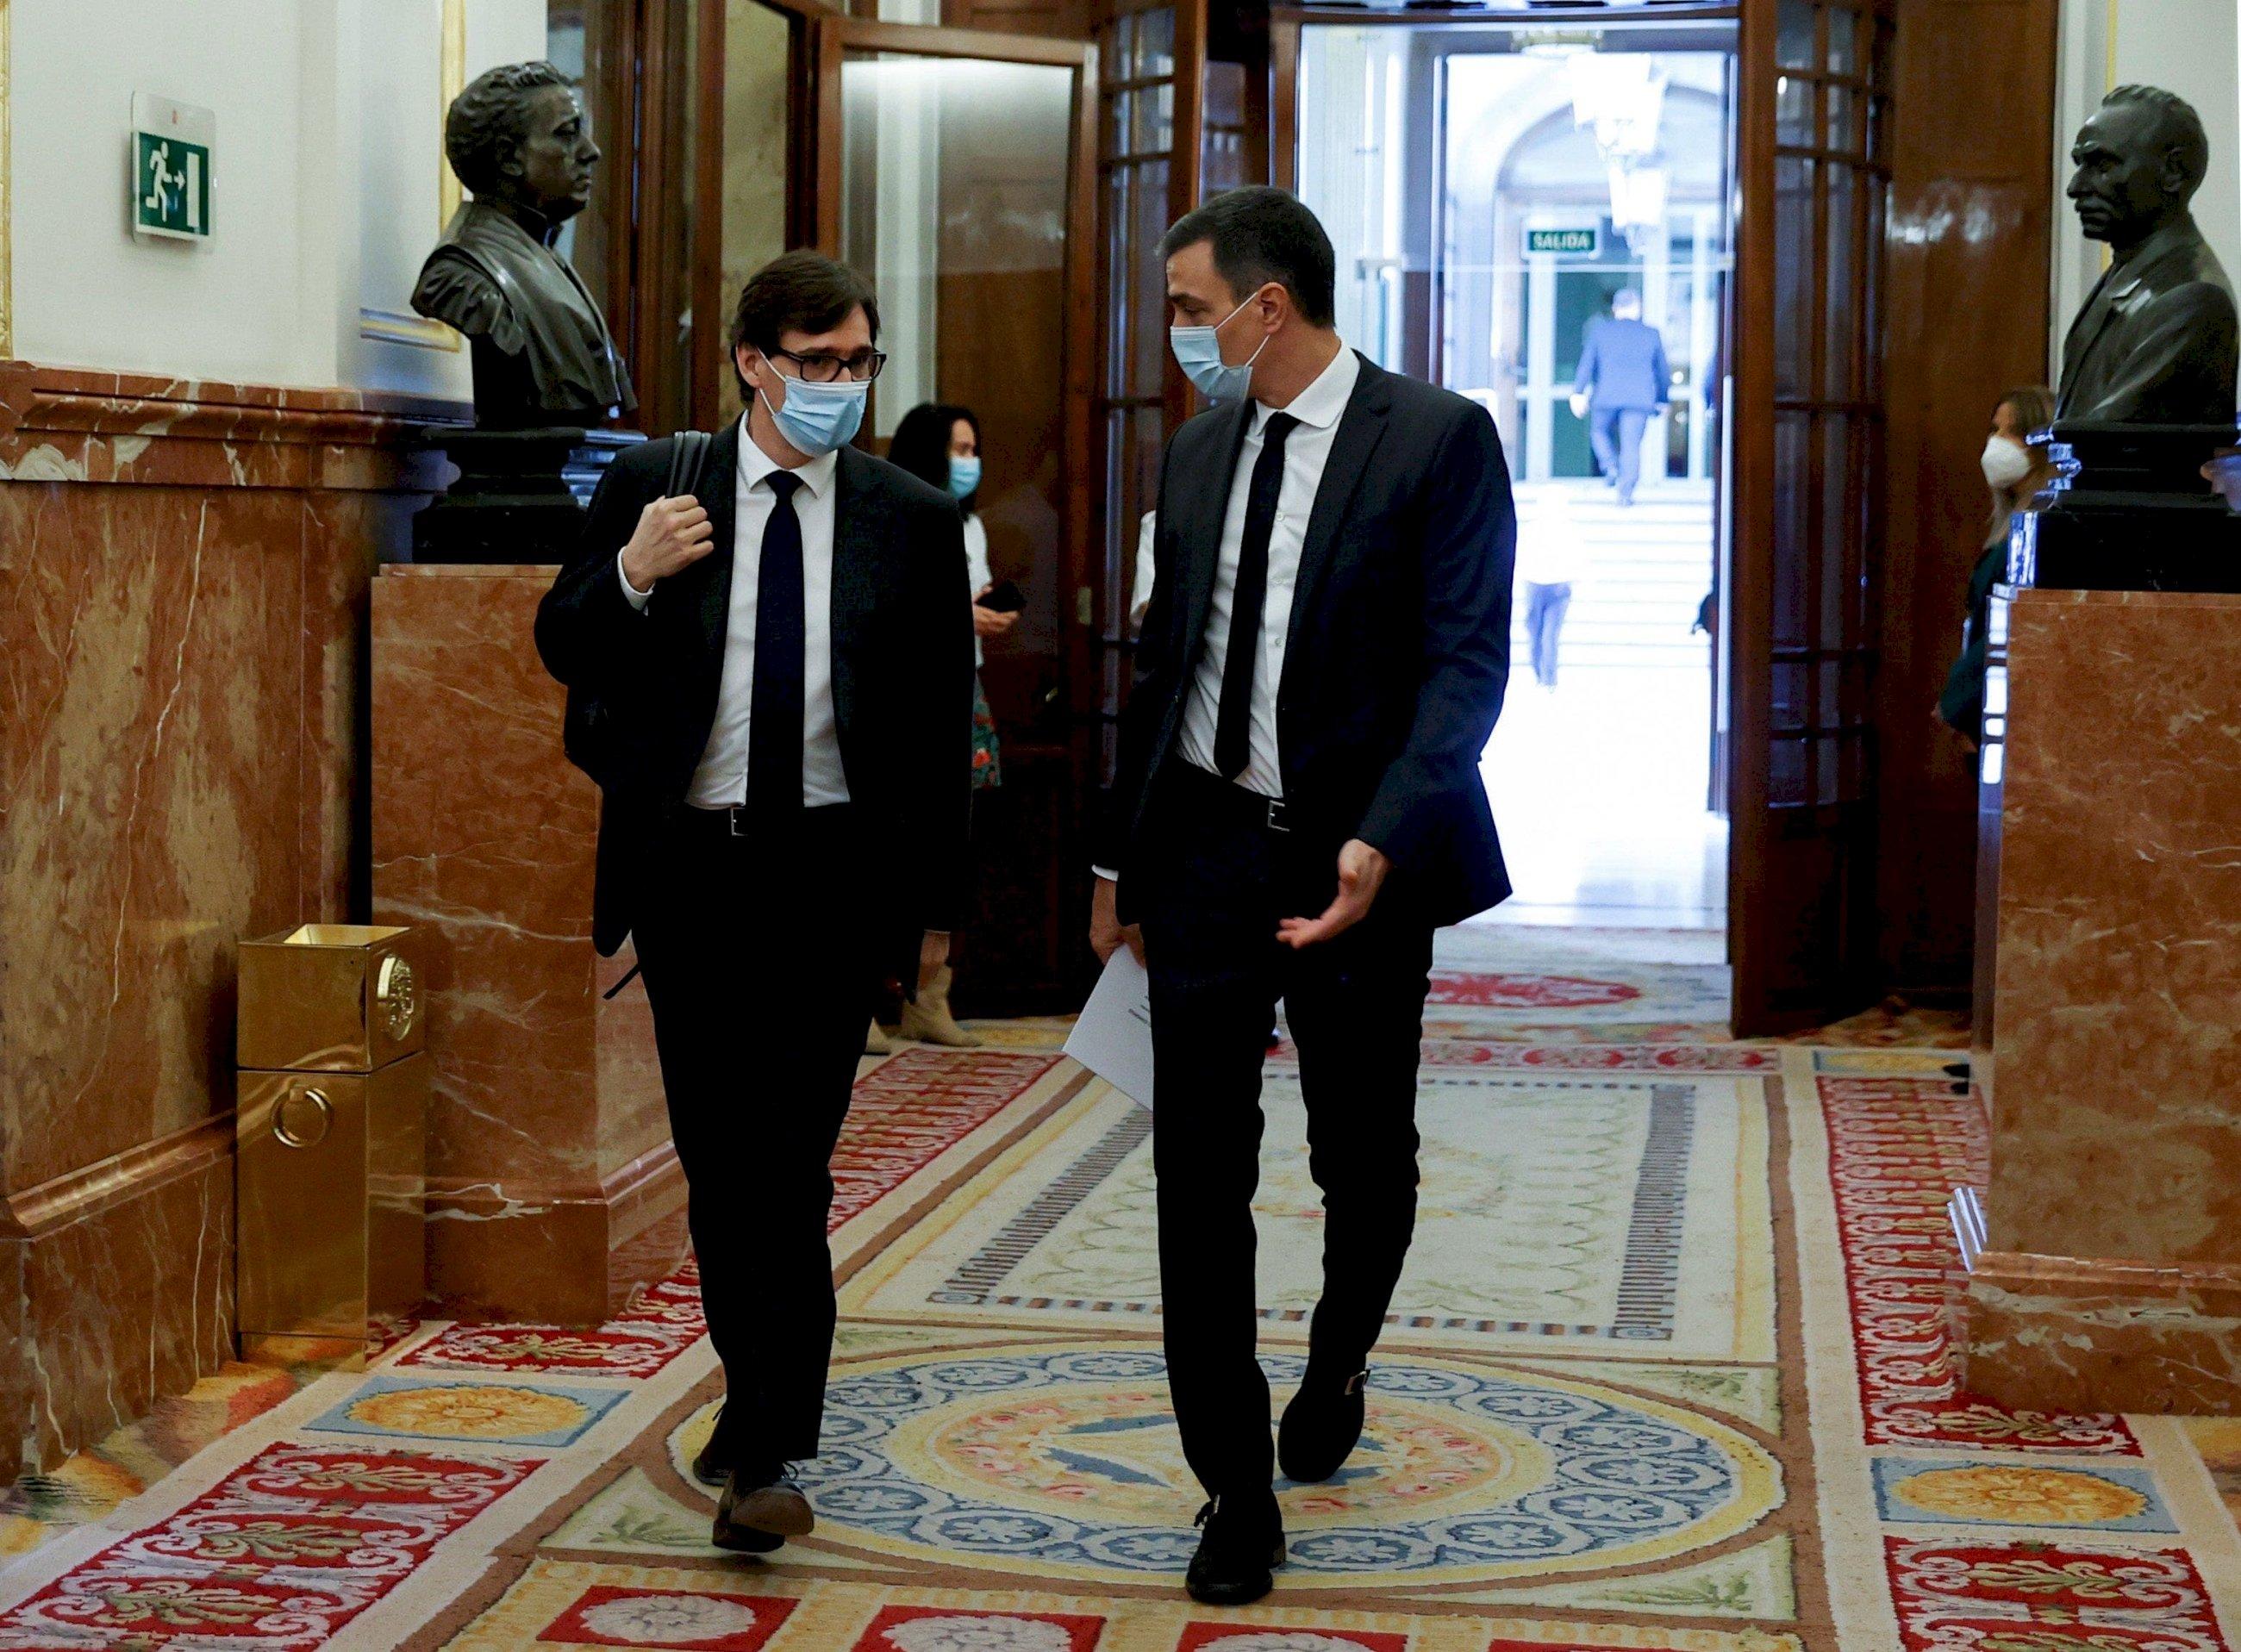 El presidente del Gobierno, Pedro Sánchez, junto al ministro de Sanidad, Salvador Illa, a su llegada al Congreso de los Diputados en 2020 | EFE/Archivo